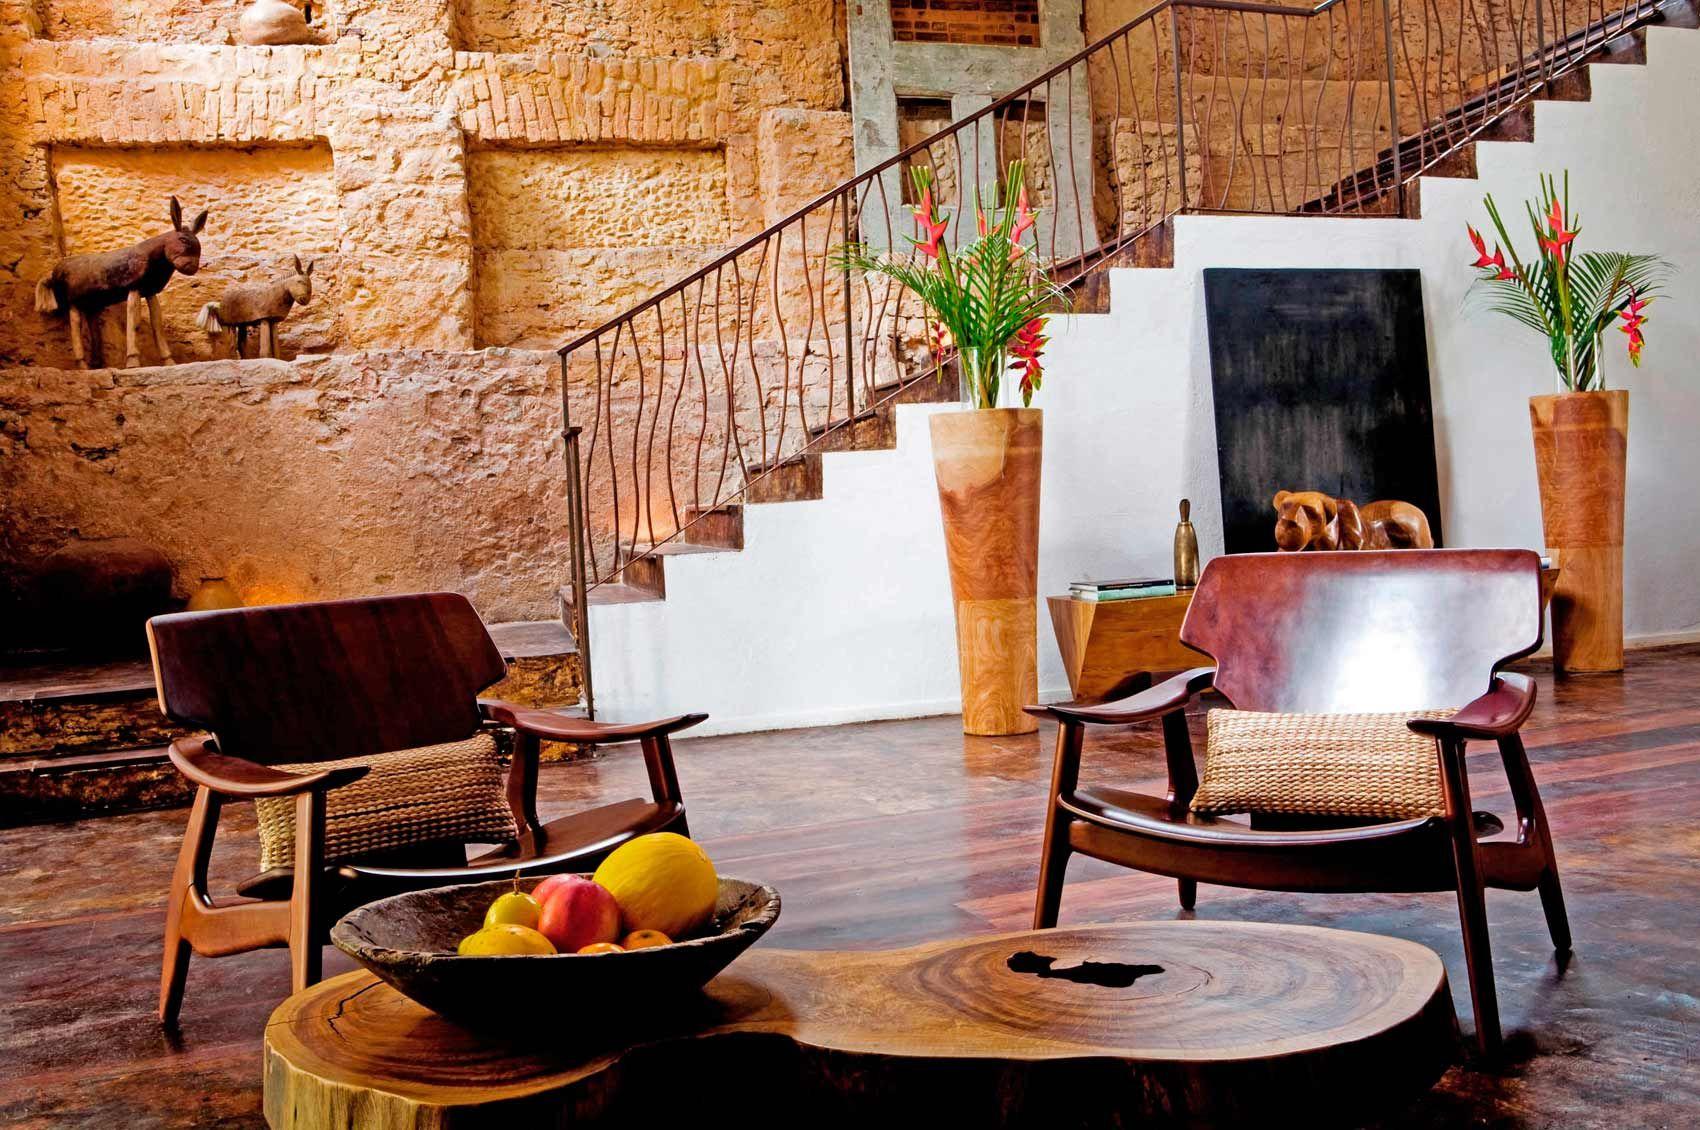 Hotel Santa Teresa -  Fodor's 100 Hotel Awards 2013